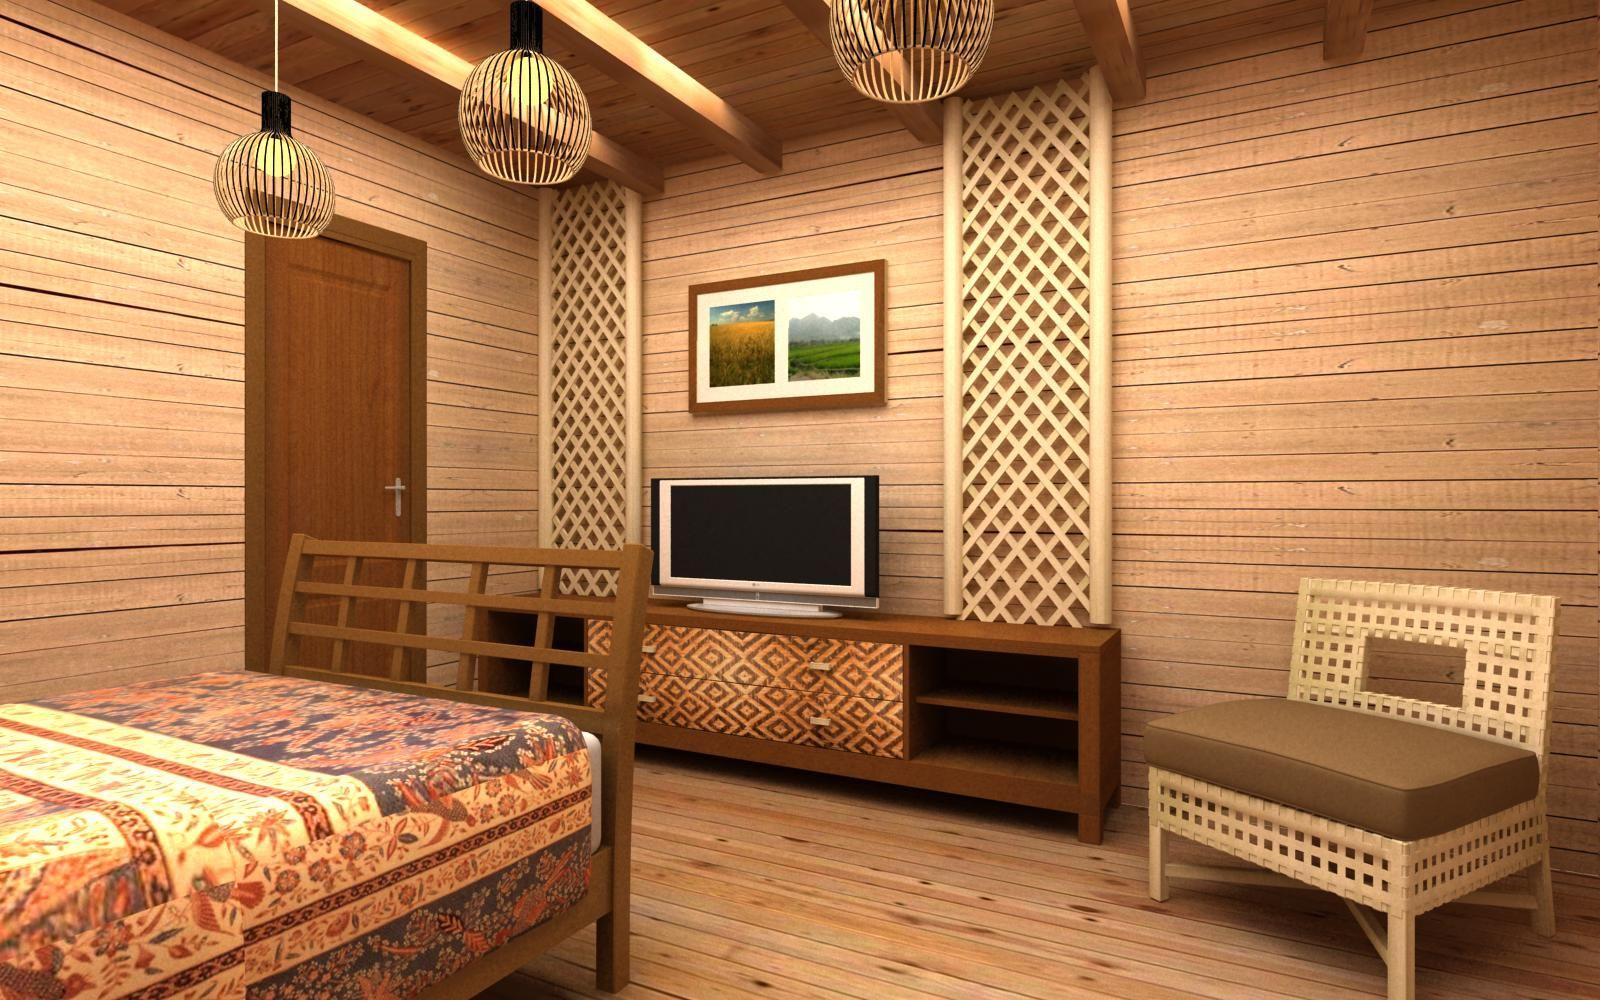 520+ Foto Desain Kamar Mandi Tradisional Jawa HD Terbaik Download Gratis